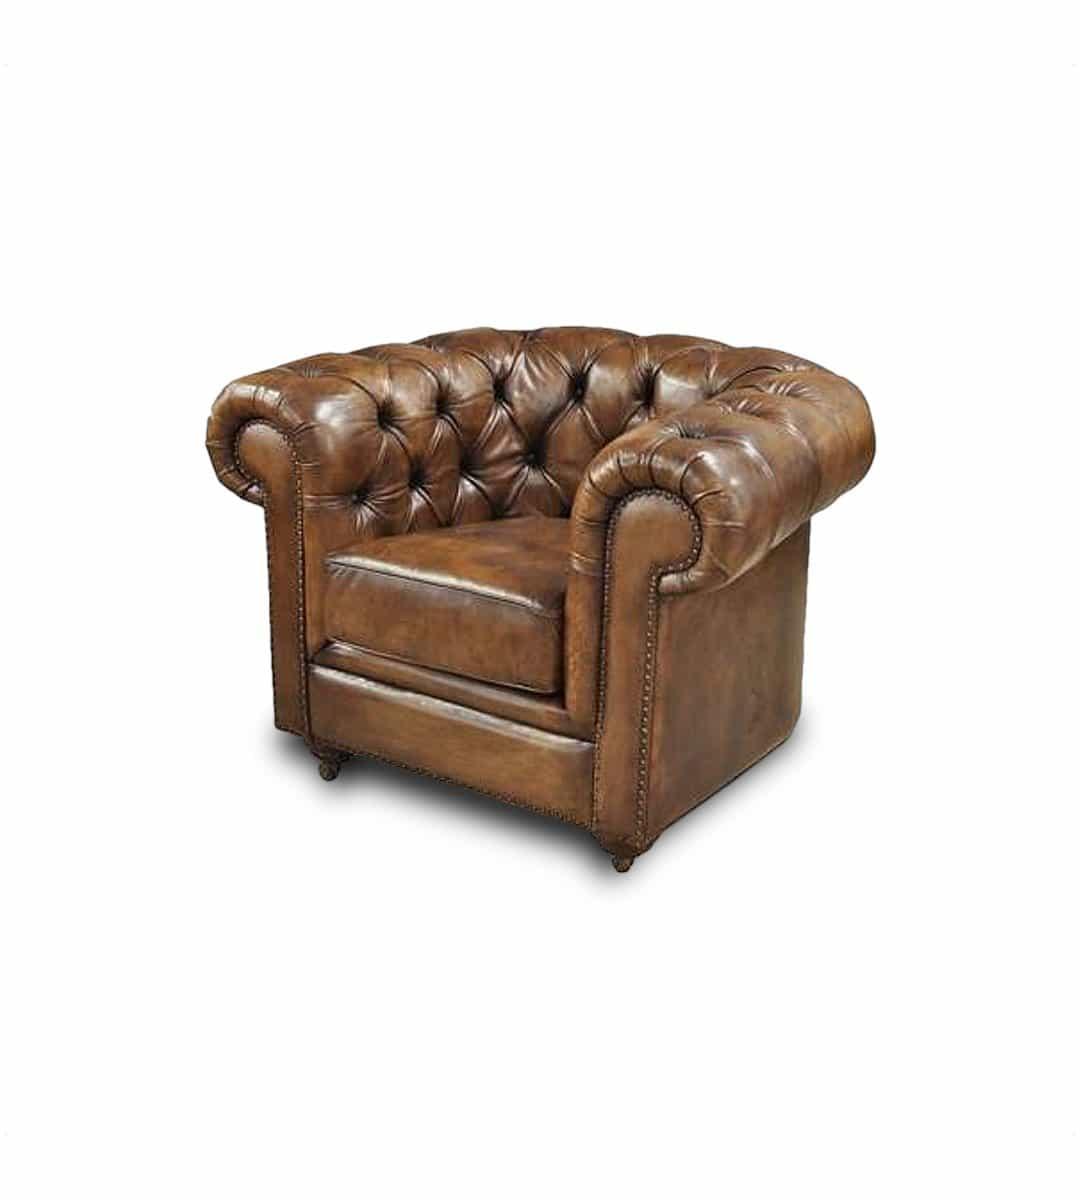 sessel vintage vintage sofa und sessel echtleder schwarz with sessel vintage simple stuhl. Black Bedroom Furniture Sets. Home Design Ideas